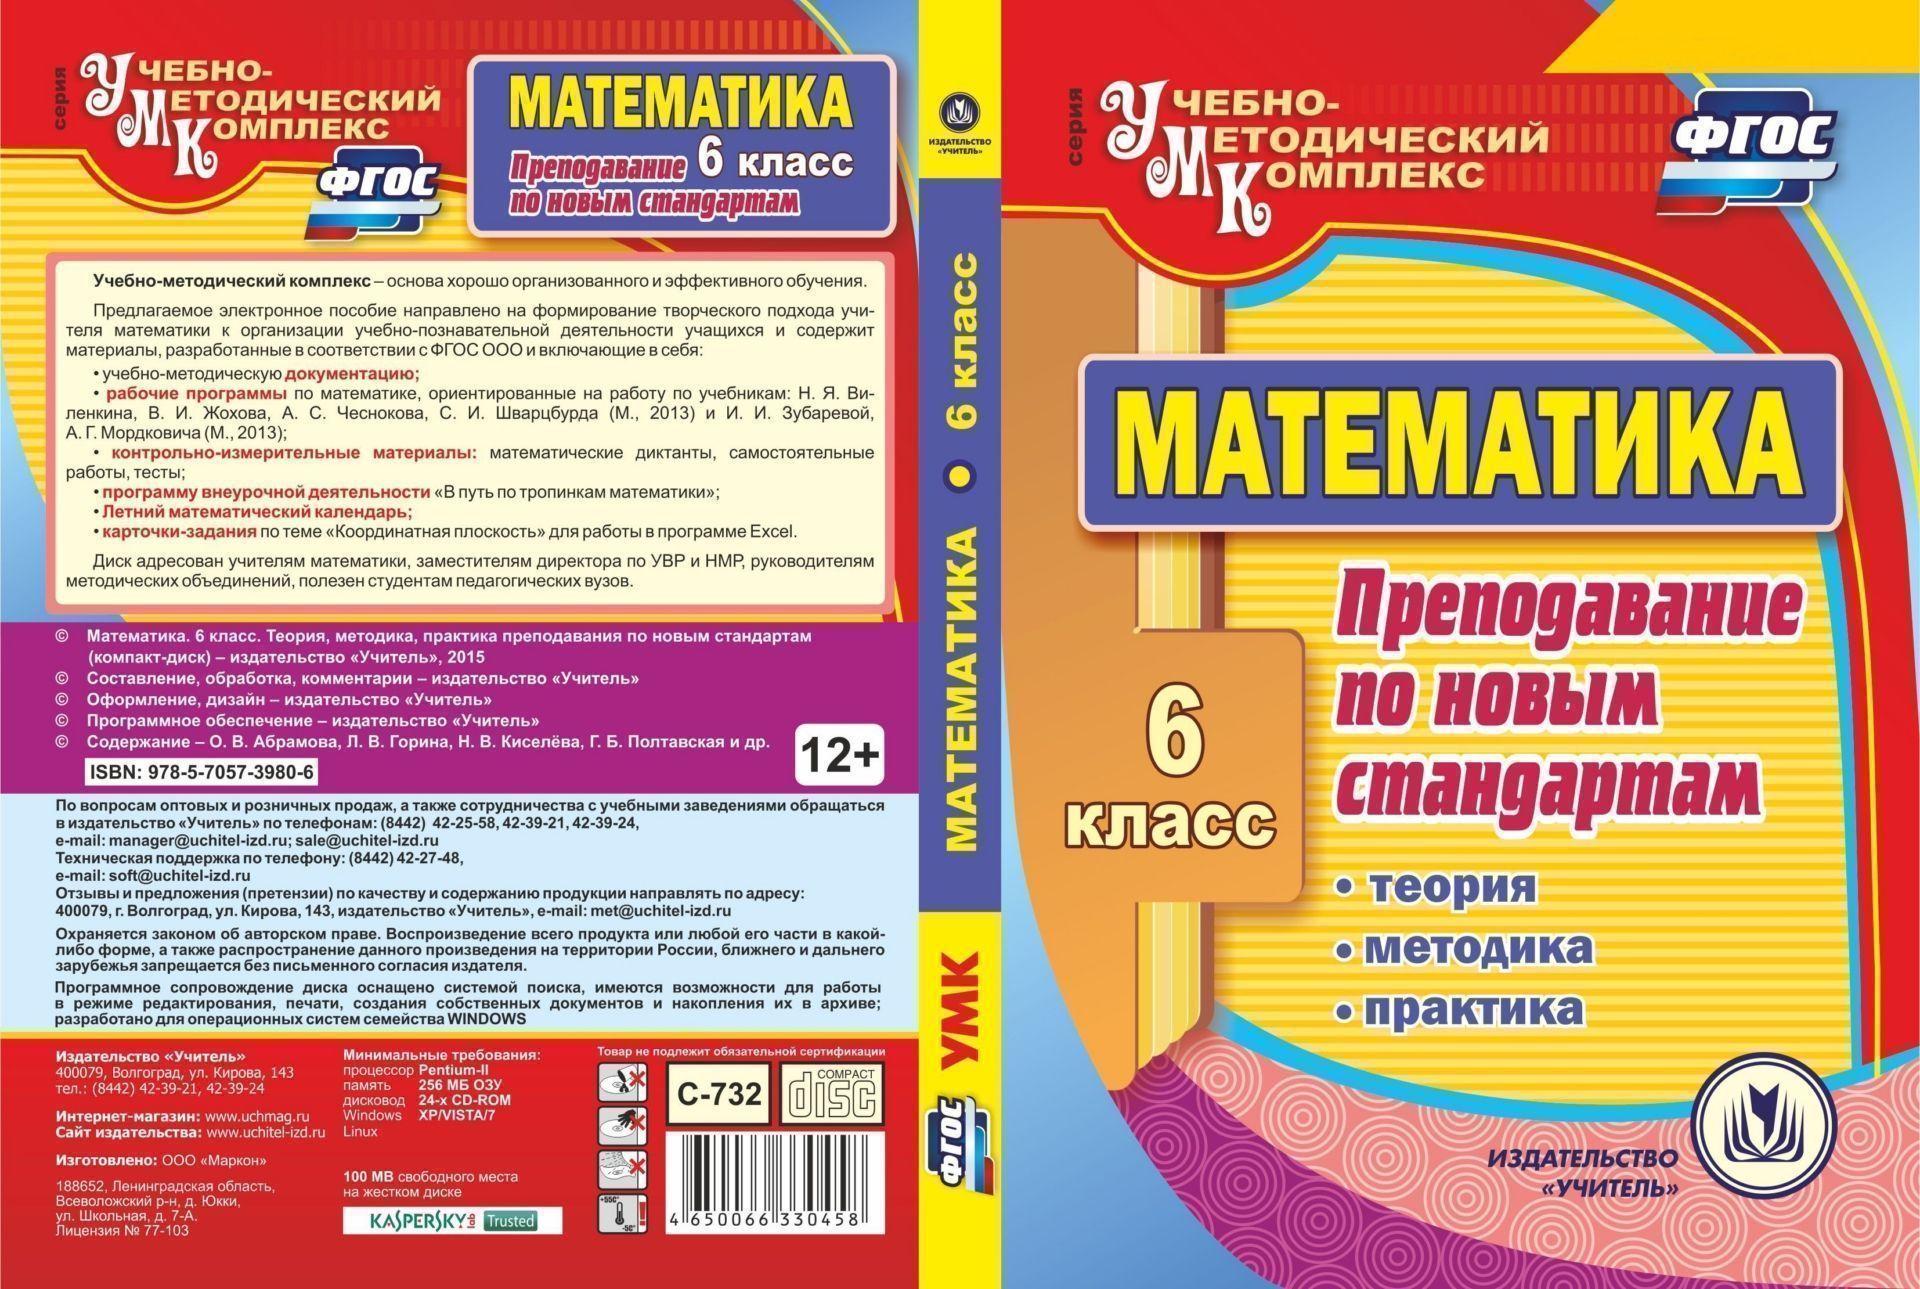 Математика. 6 класс. Теория, методика, практика преподавания по новым стандартам. Программа для установки через интернетПредметы<br>Учебно-методический комплекс - основа хорошо организованного и эффективного обучения. Настоящий компакт-диск Математика. 6 класс. Теория, методика, практика преподавания по новым стандартам серии Учебно-методический комплекс содержит материалы, разраб...<br><br>Авторы: др., Полтавская Г. Б., Киселева Н. В., Абрамова О.В., Горина Л.В.<br>Год: 2017<br>Серия: Учебно-методический комплекс